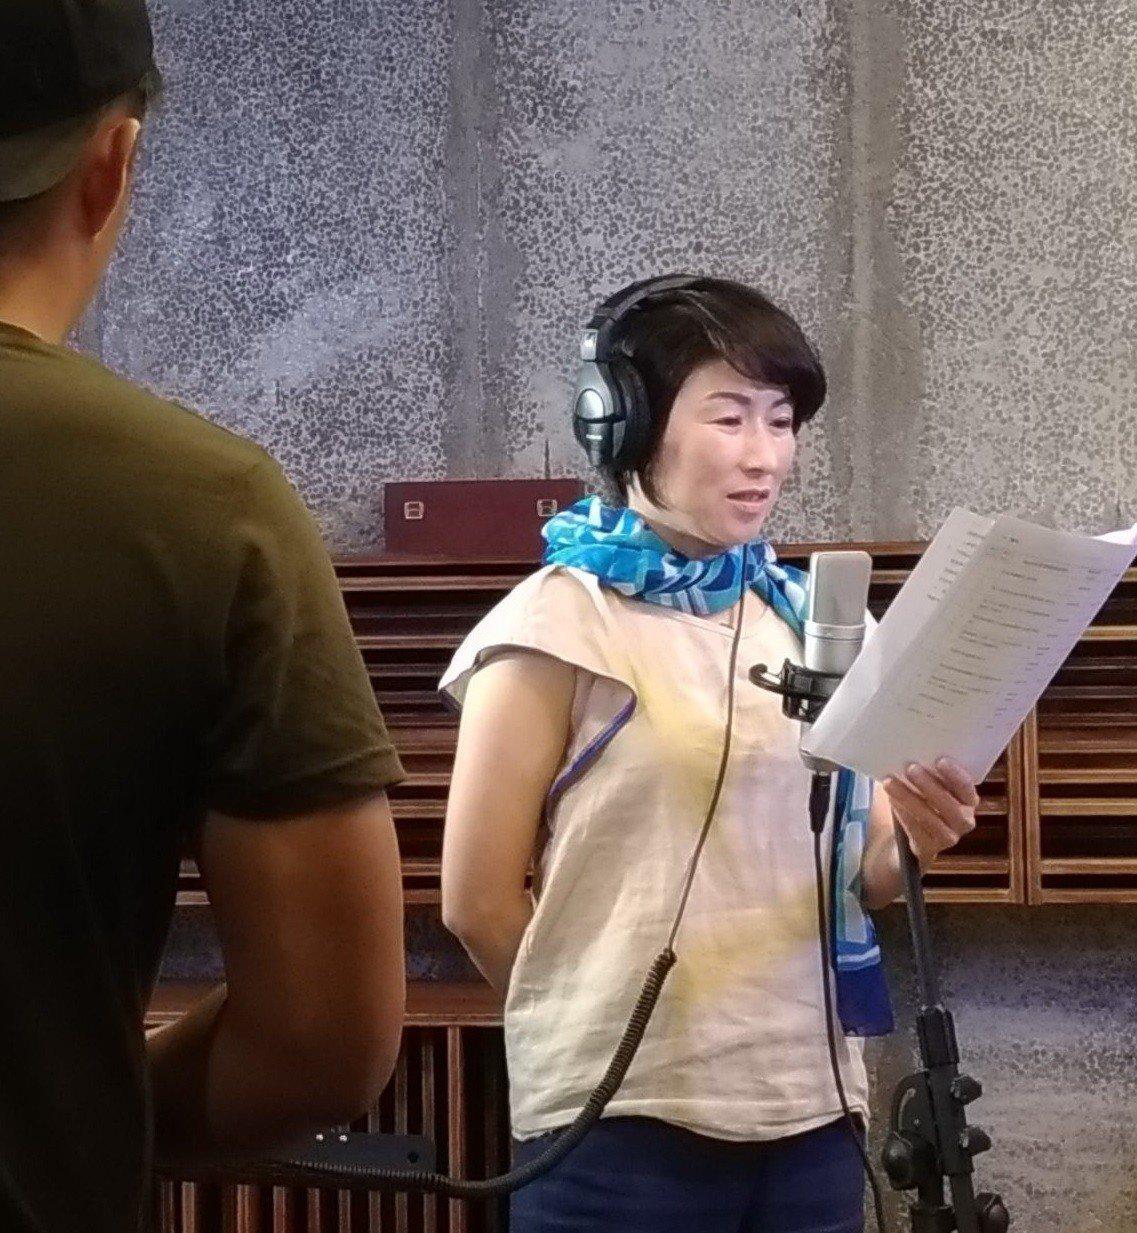 台東縣政府建置的「TTStudio聲音部落」錄音工作室,縣長饒慶鈴今天親自體驗錄...